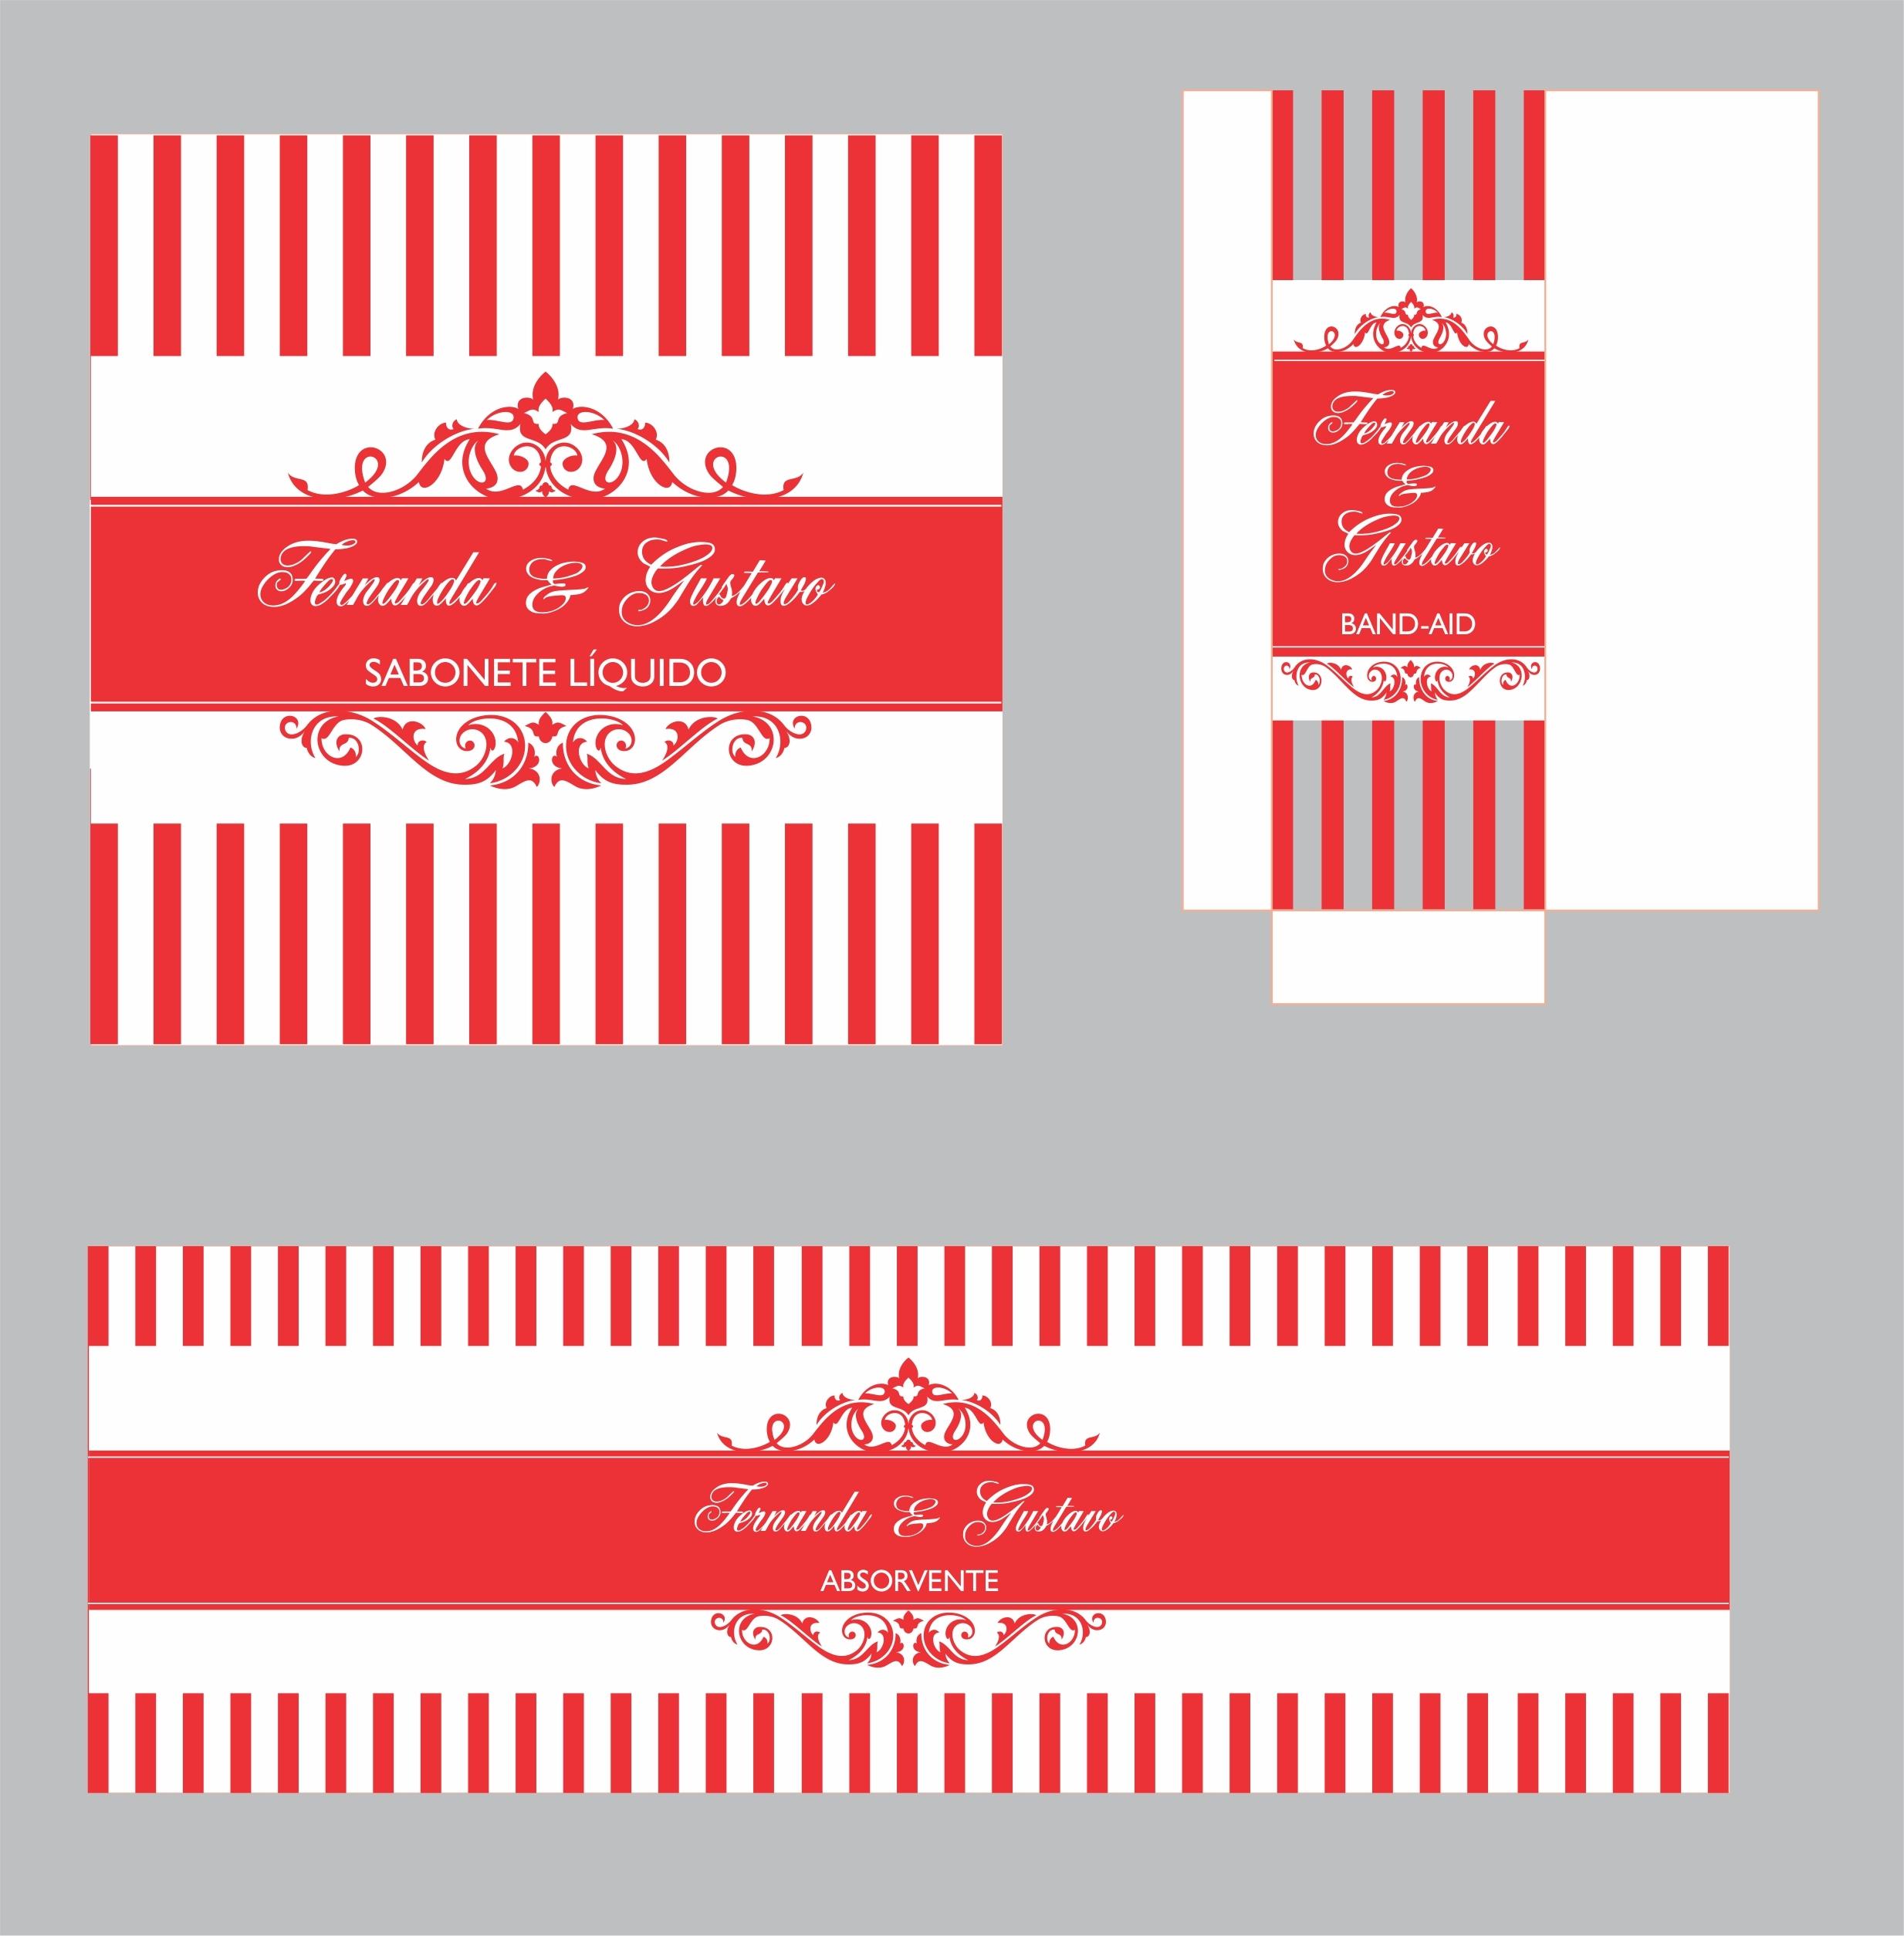 Kit De Banheiro Vermelho E Branco : Kit toalete casamento r?tulos vermelho ulicor artes elo